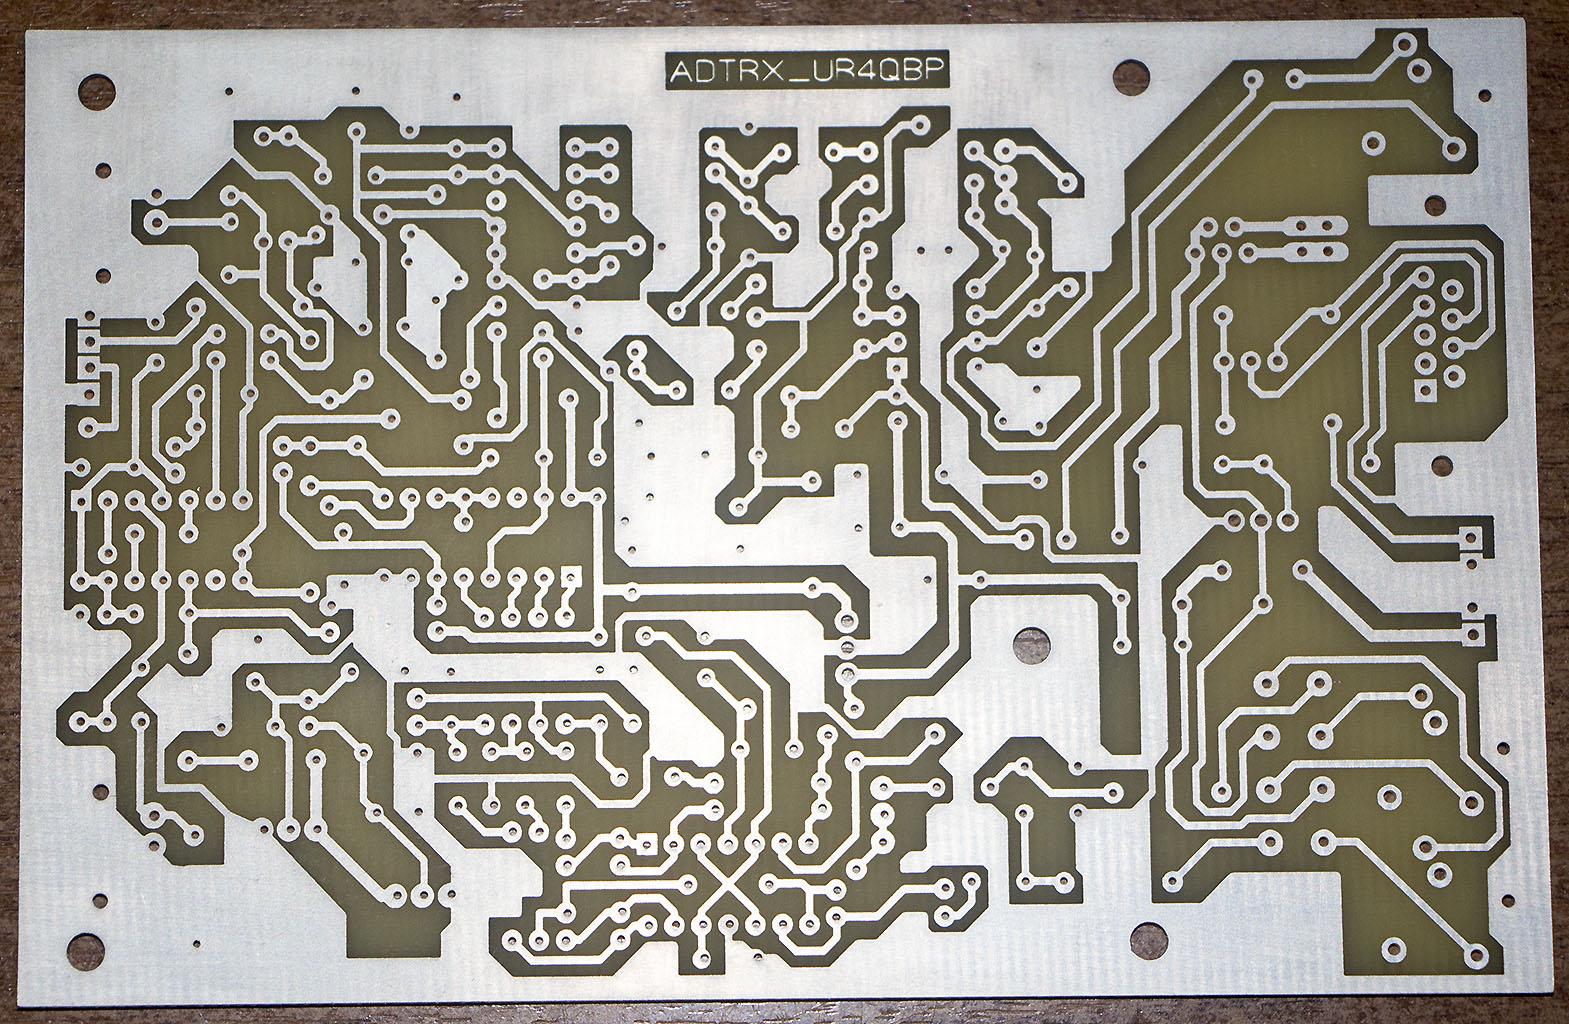 SDR-u0442u0440u0430u043du0441u0438u0432u0435u0440 ADTRX_UR4QBP.